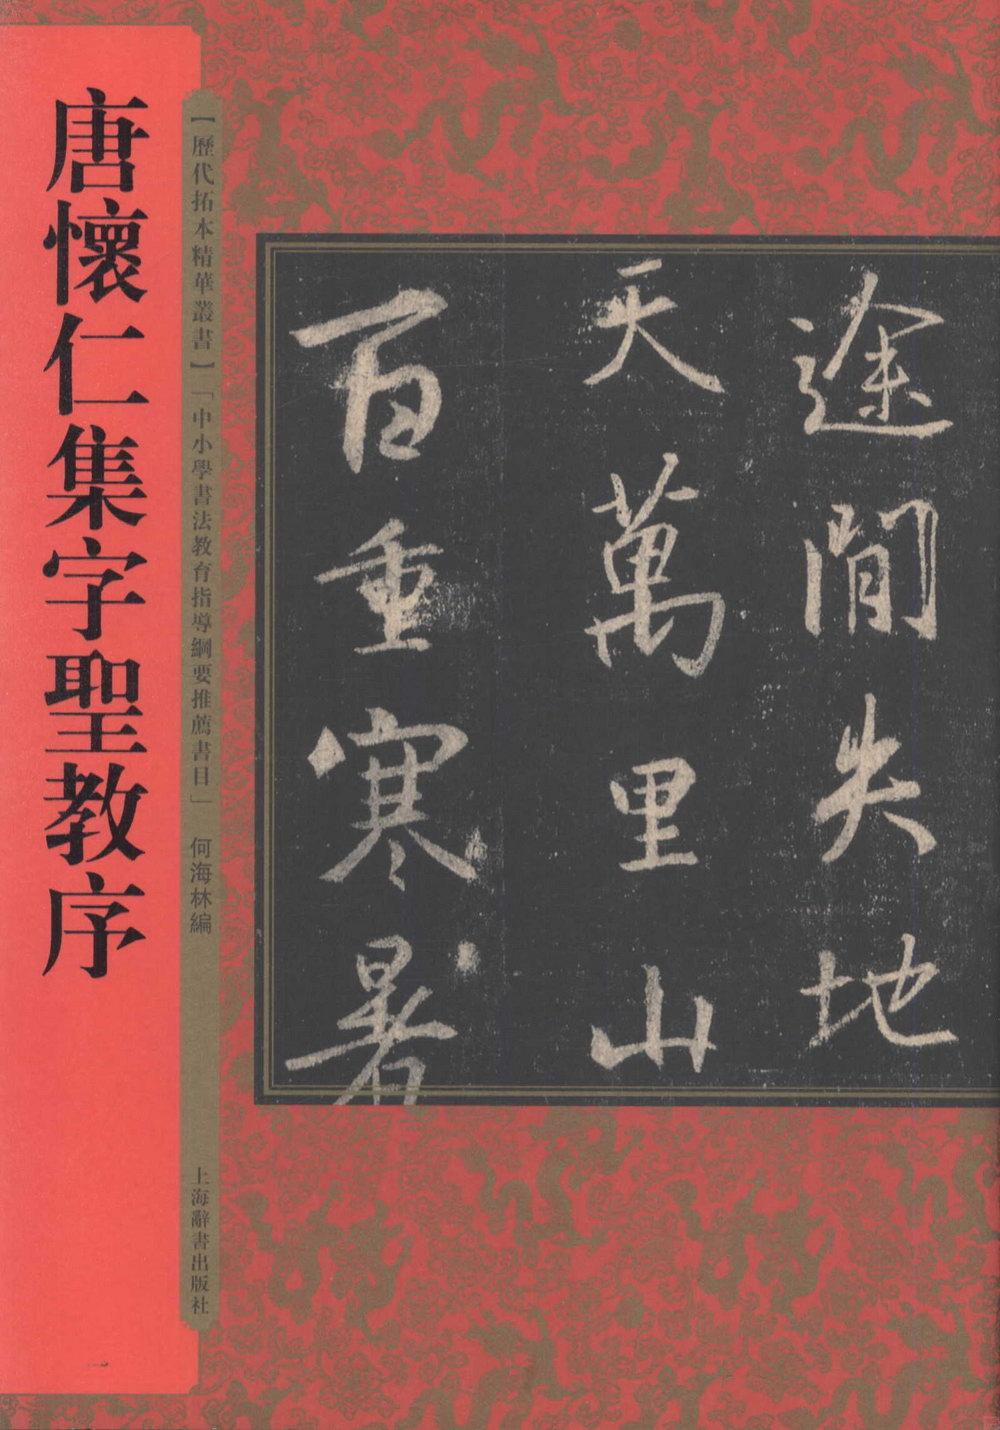 唐懷仁集字聖教序